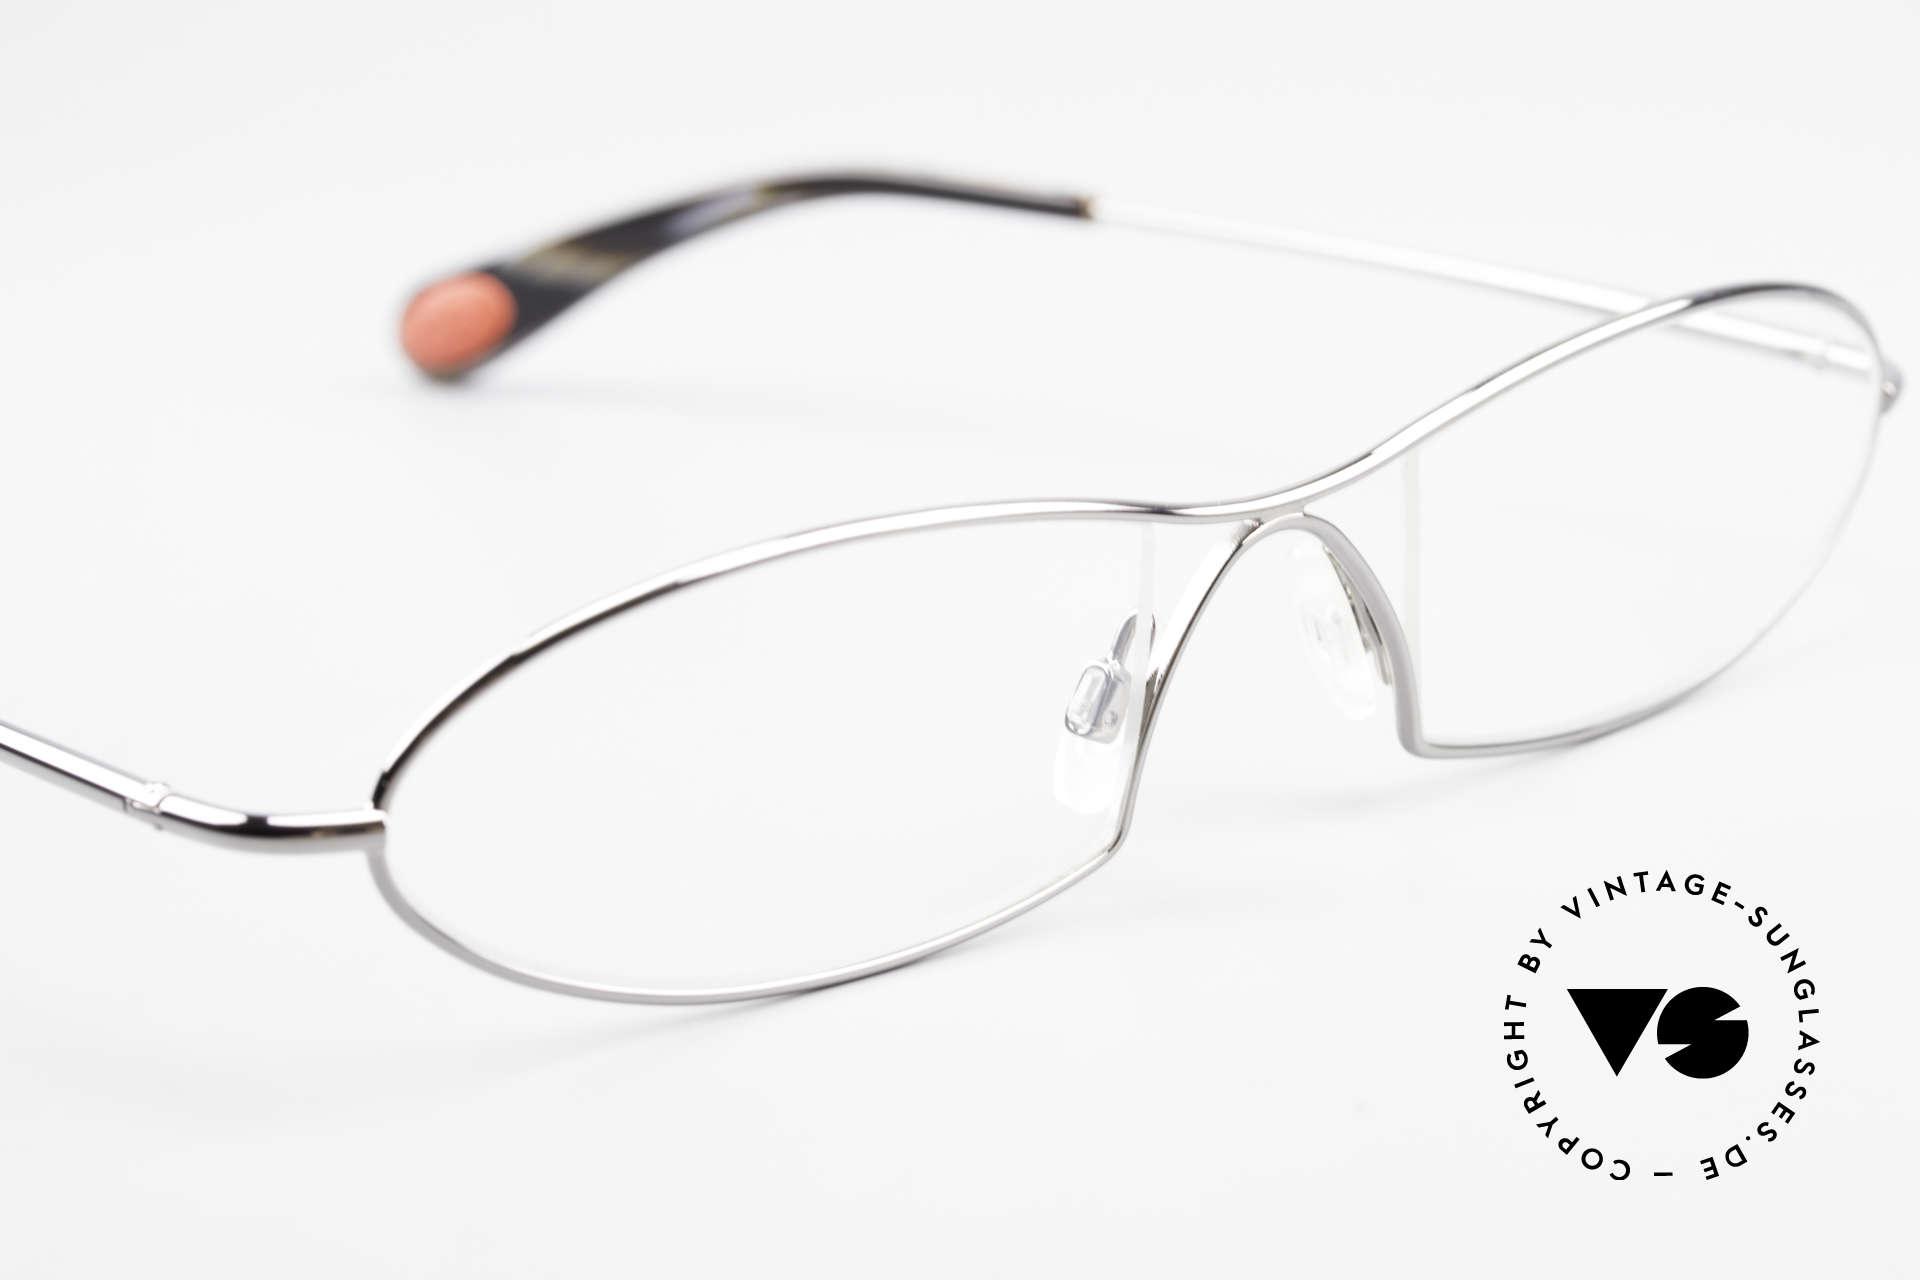 Bugatti 343 Odotype Herren Vintage Designer Brille, Modell als Brille oder Sonnenbrille verglasbar, Passend für Herren